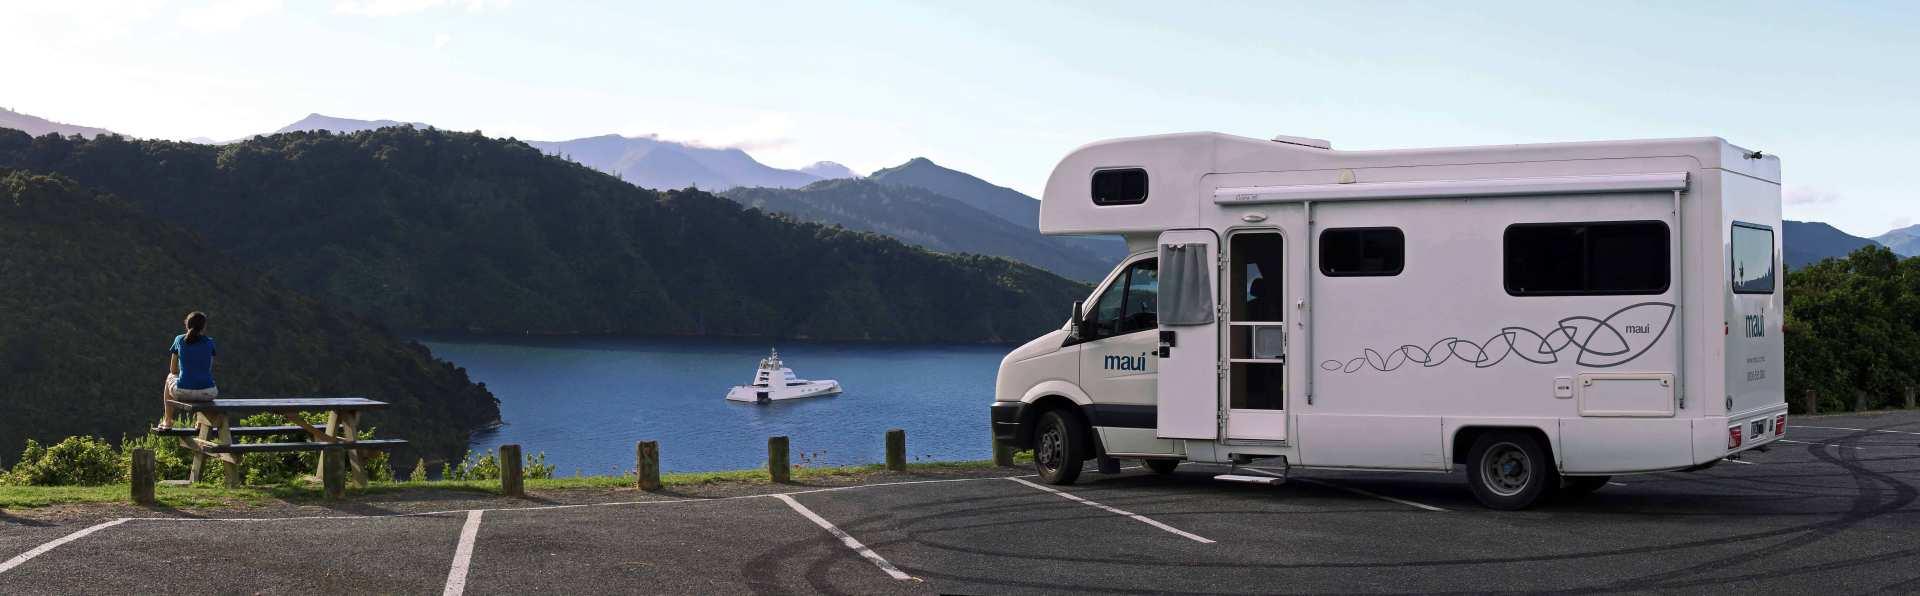 【紐西蘭租車】MAUI 六人座河畔型露營車(皇后鎮取 / 基督城還)